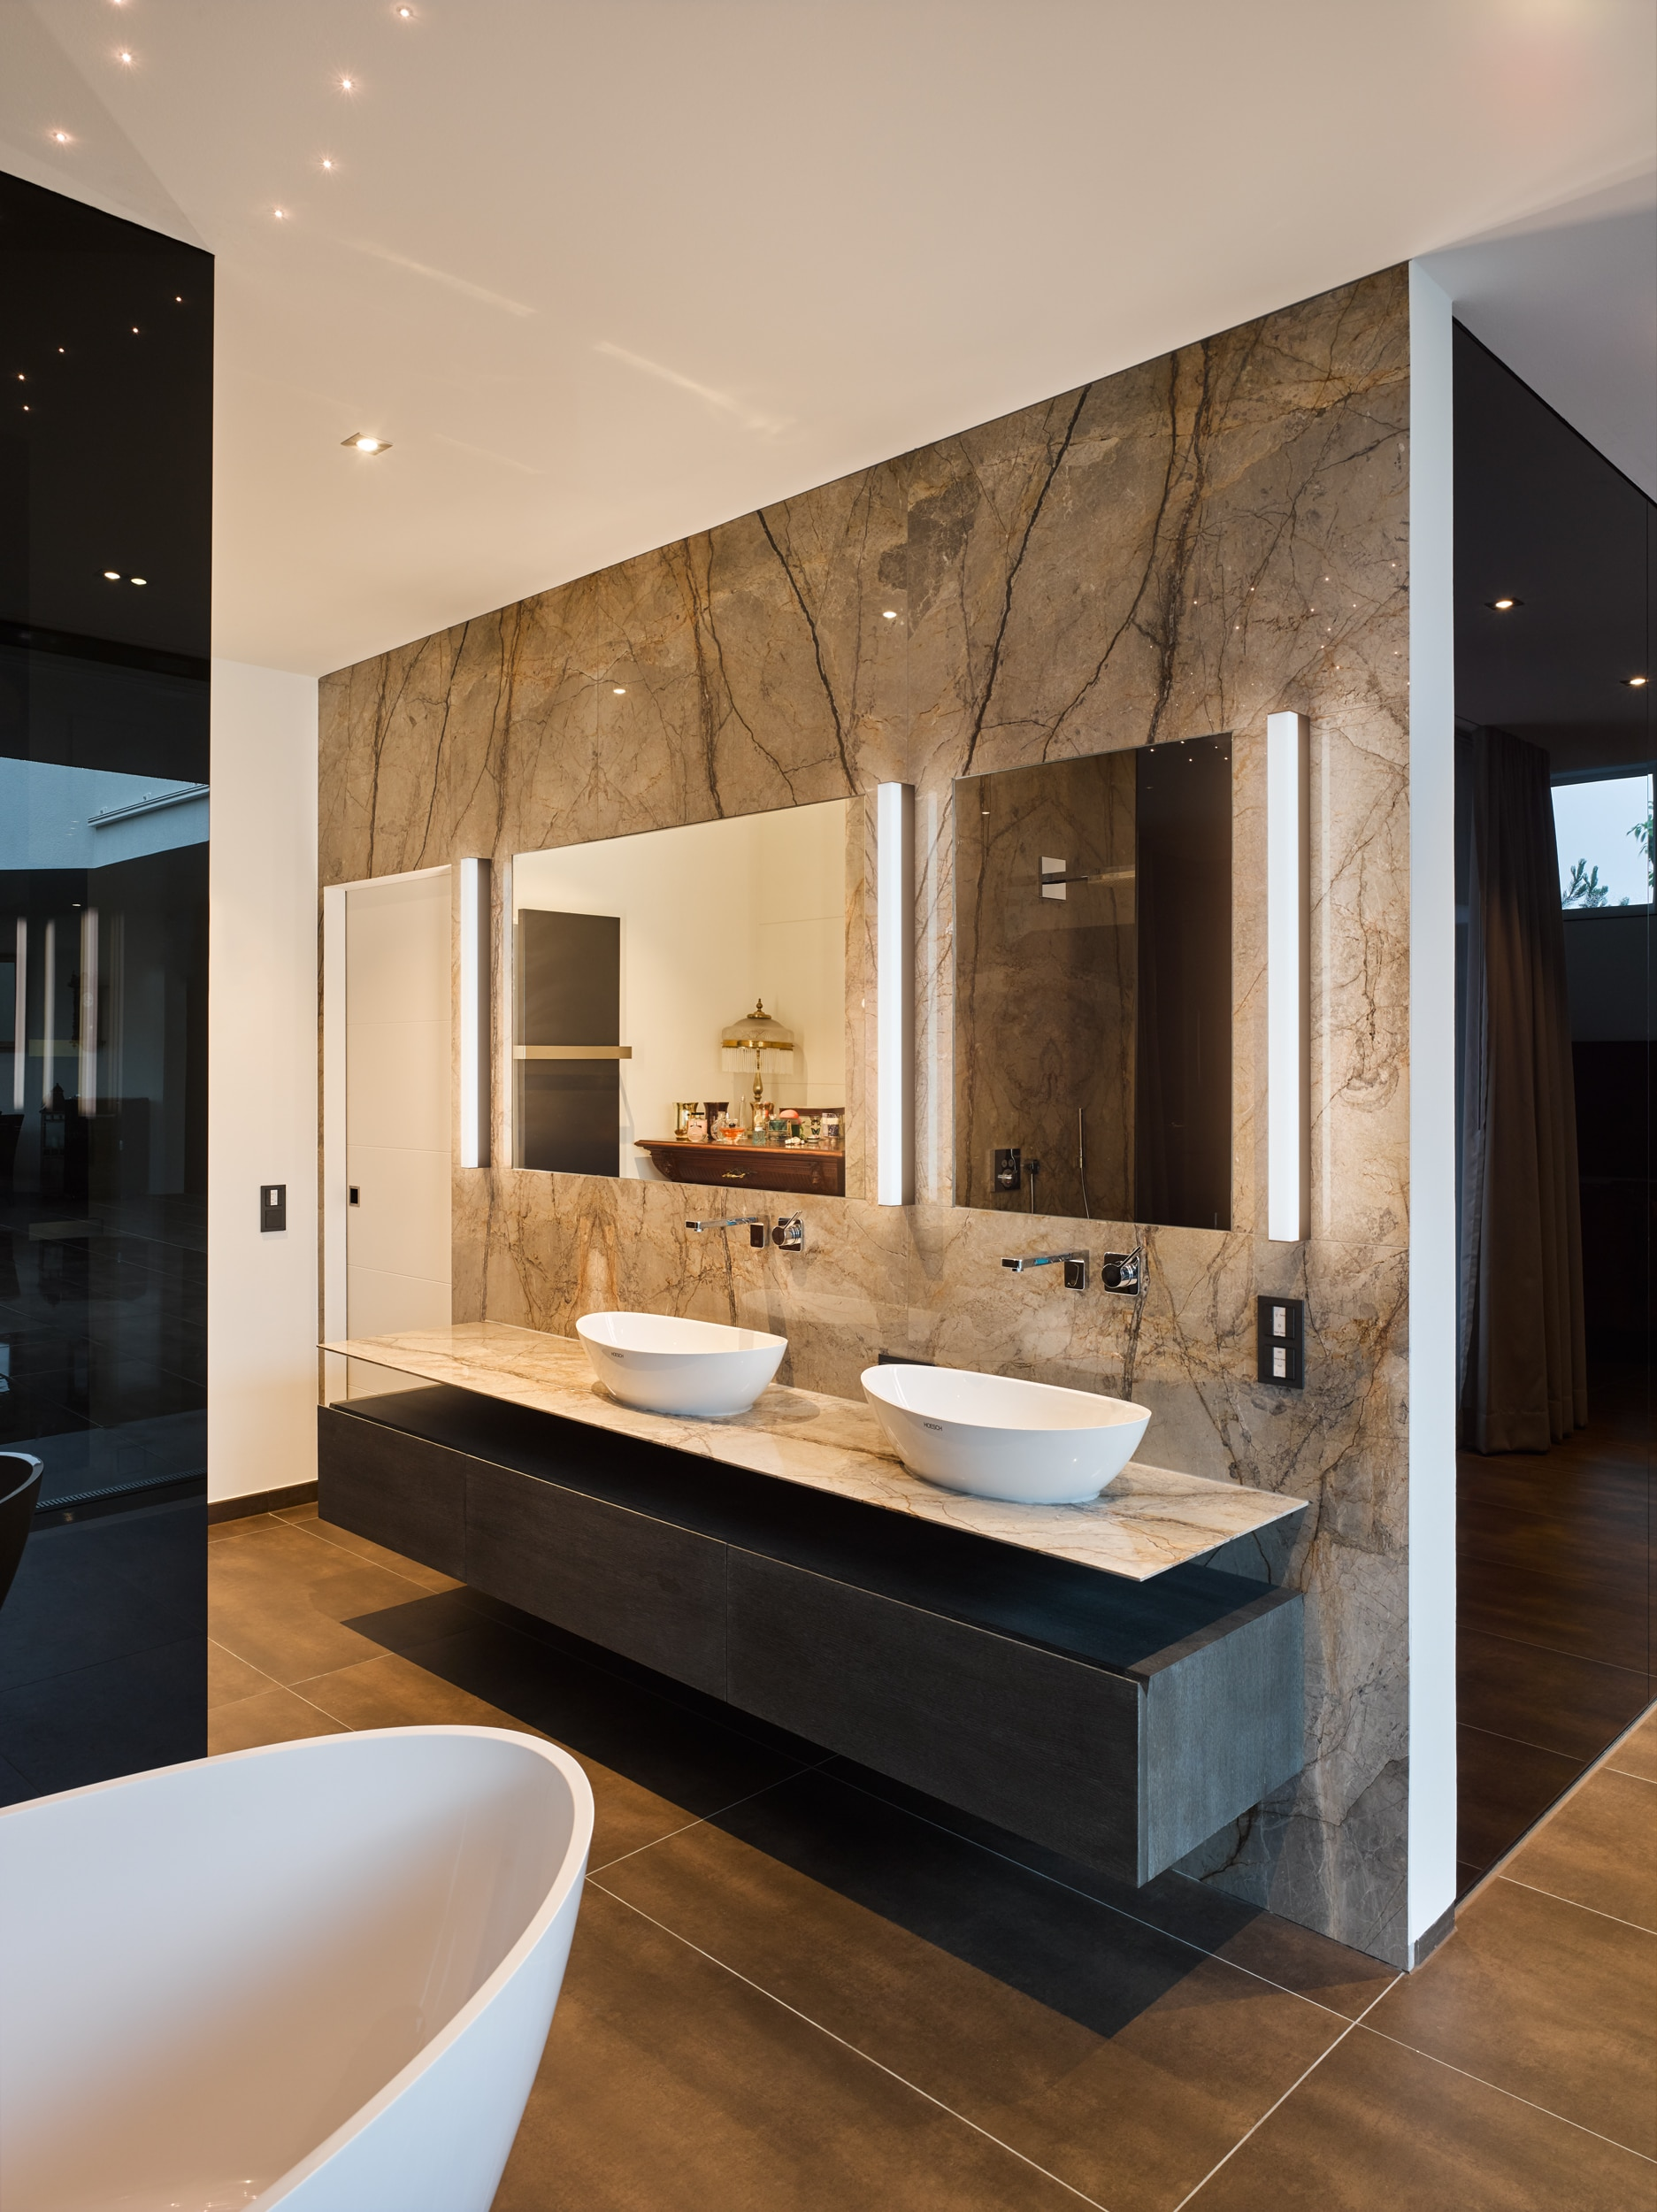 Große Wände aus Silver-Roots-Marmor verkleiden das extravagante Badezimmer. Ein spektakuläres Muster, wie silberne Wurzeln auf einem Waldboden. Die Architektur, klar und schlicht, gibt dem Marmor Raum und Bühne.